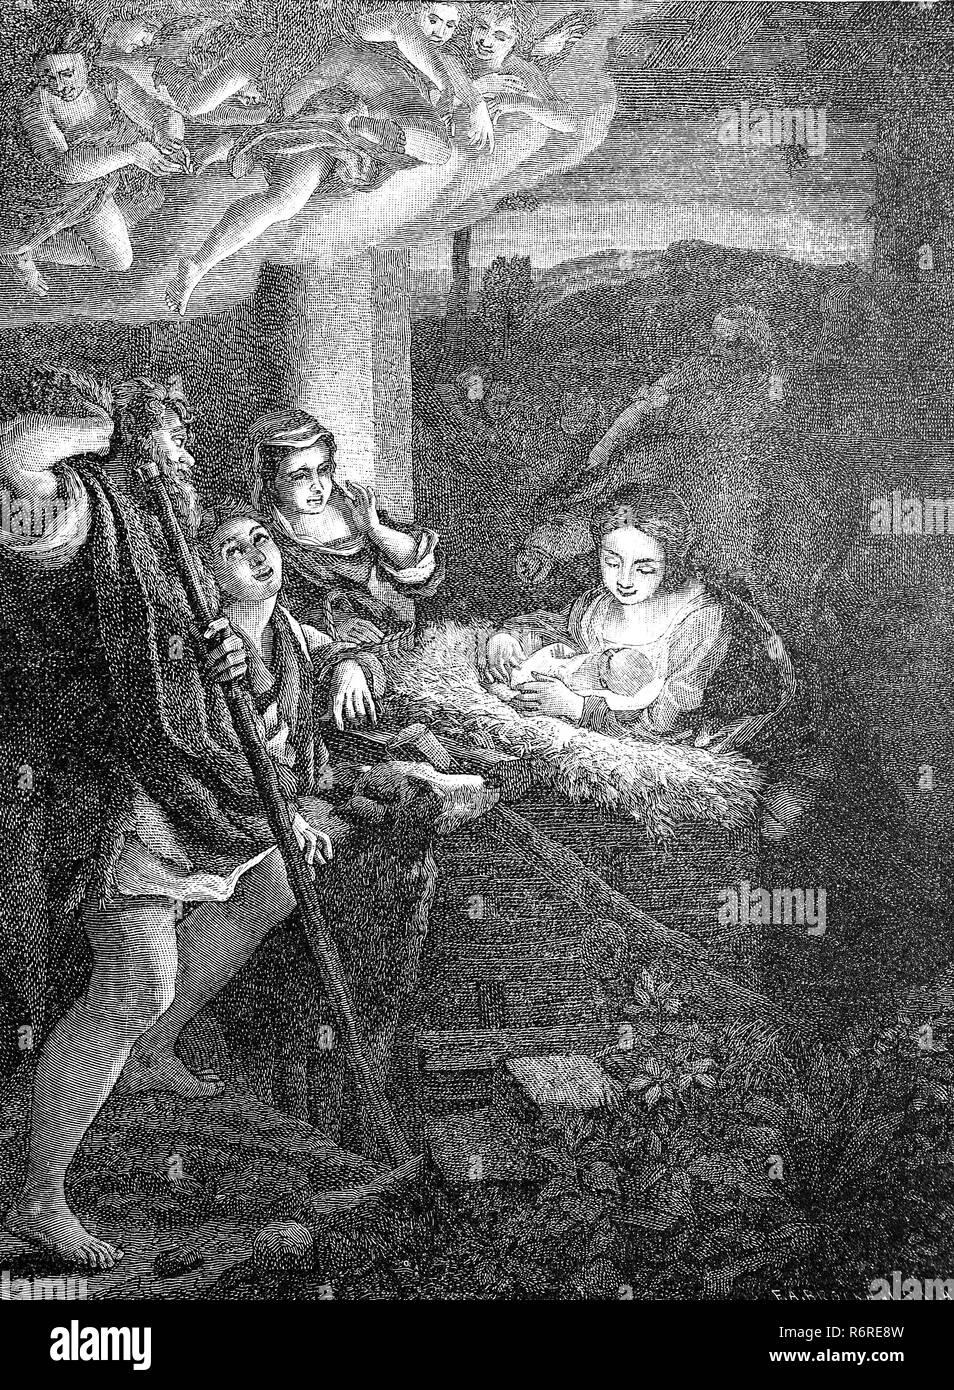 Digital riproduzione migliorata, la notte santa di Correggio, Die Heilige Nacht, von Correggio, 16. Jahrhundert, stampa originale del XIX secolo Immagini Stock